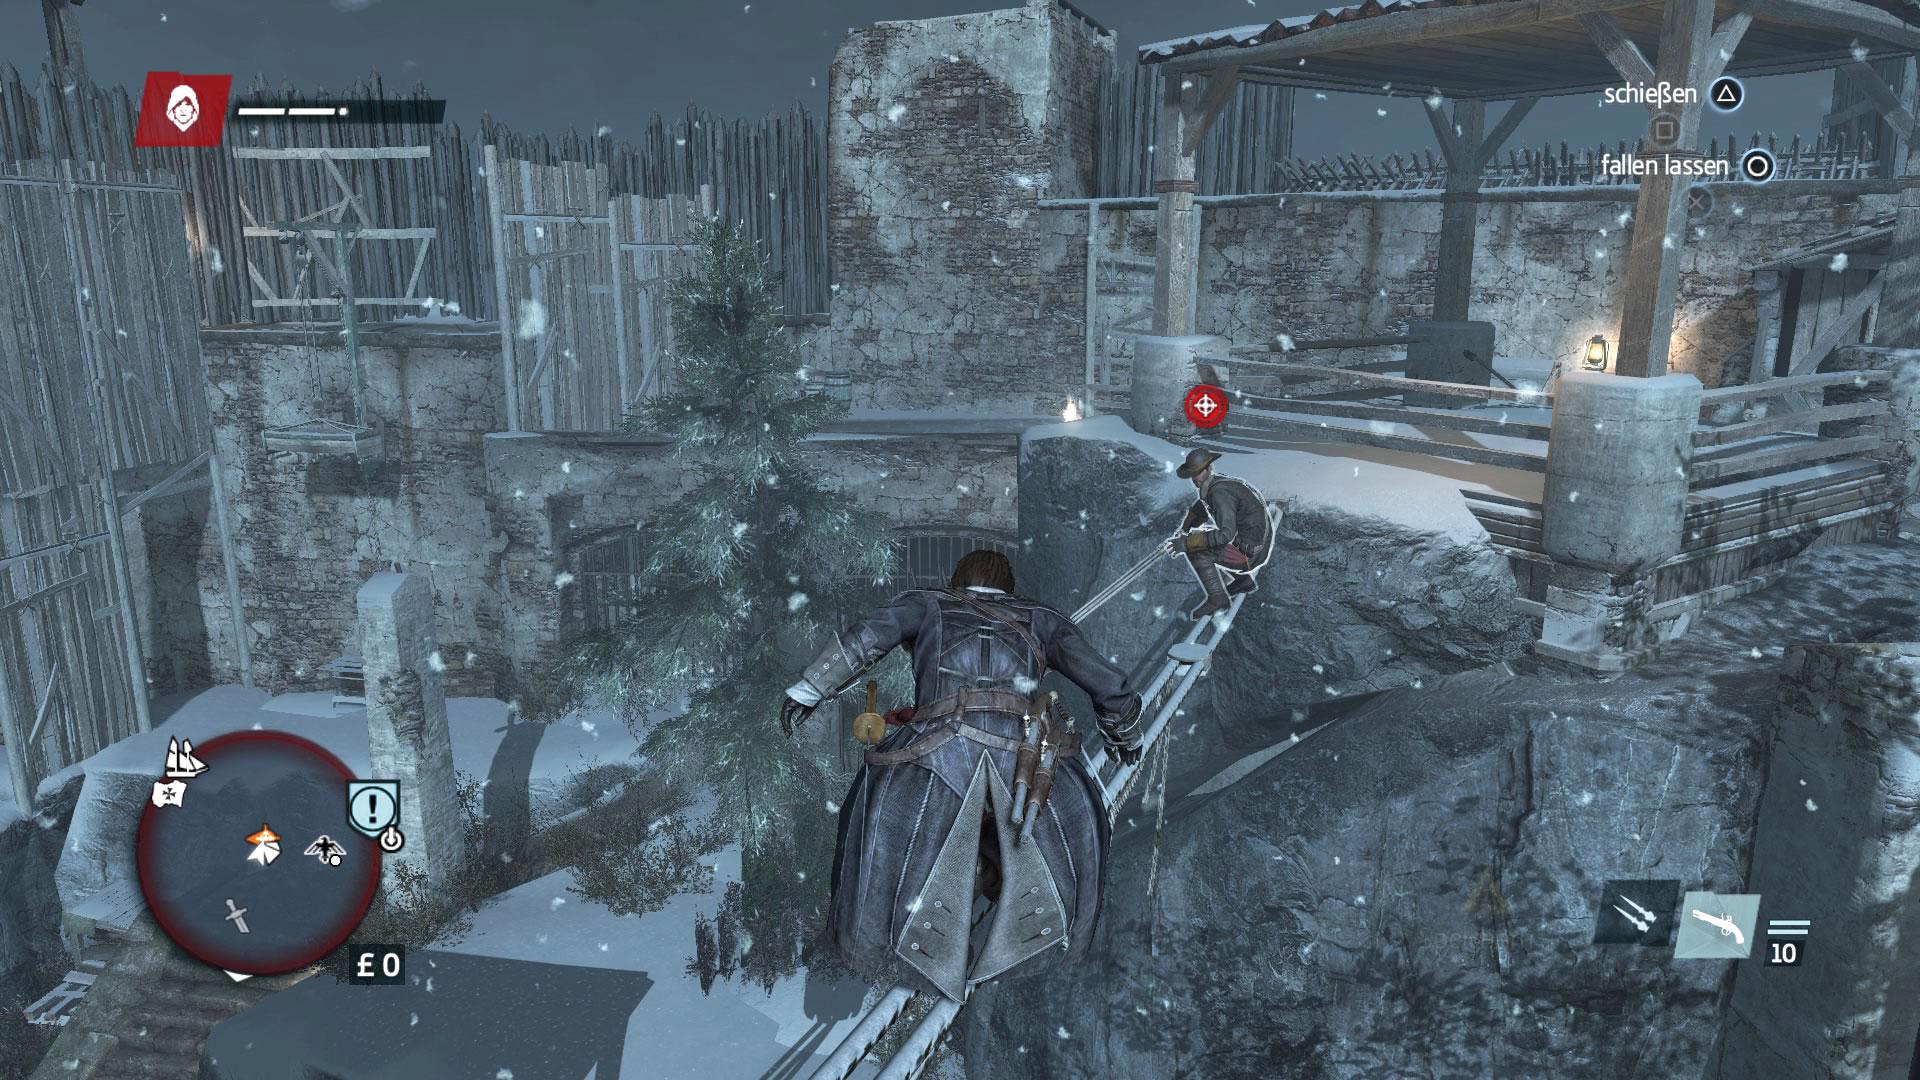 Assassin's Creed 2019: Nächster Teil erscheint angeblich 2019 und spielt in Griechenland